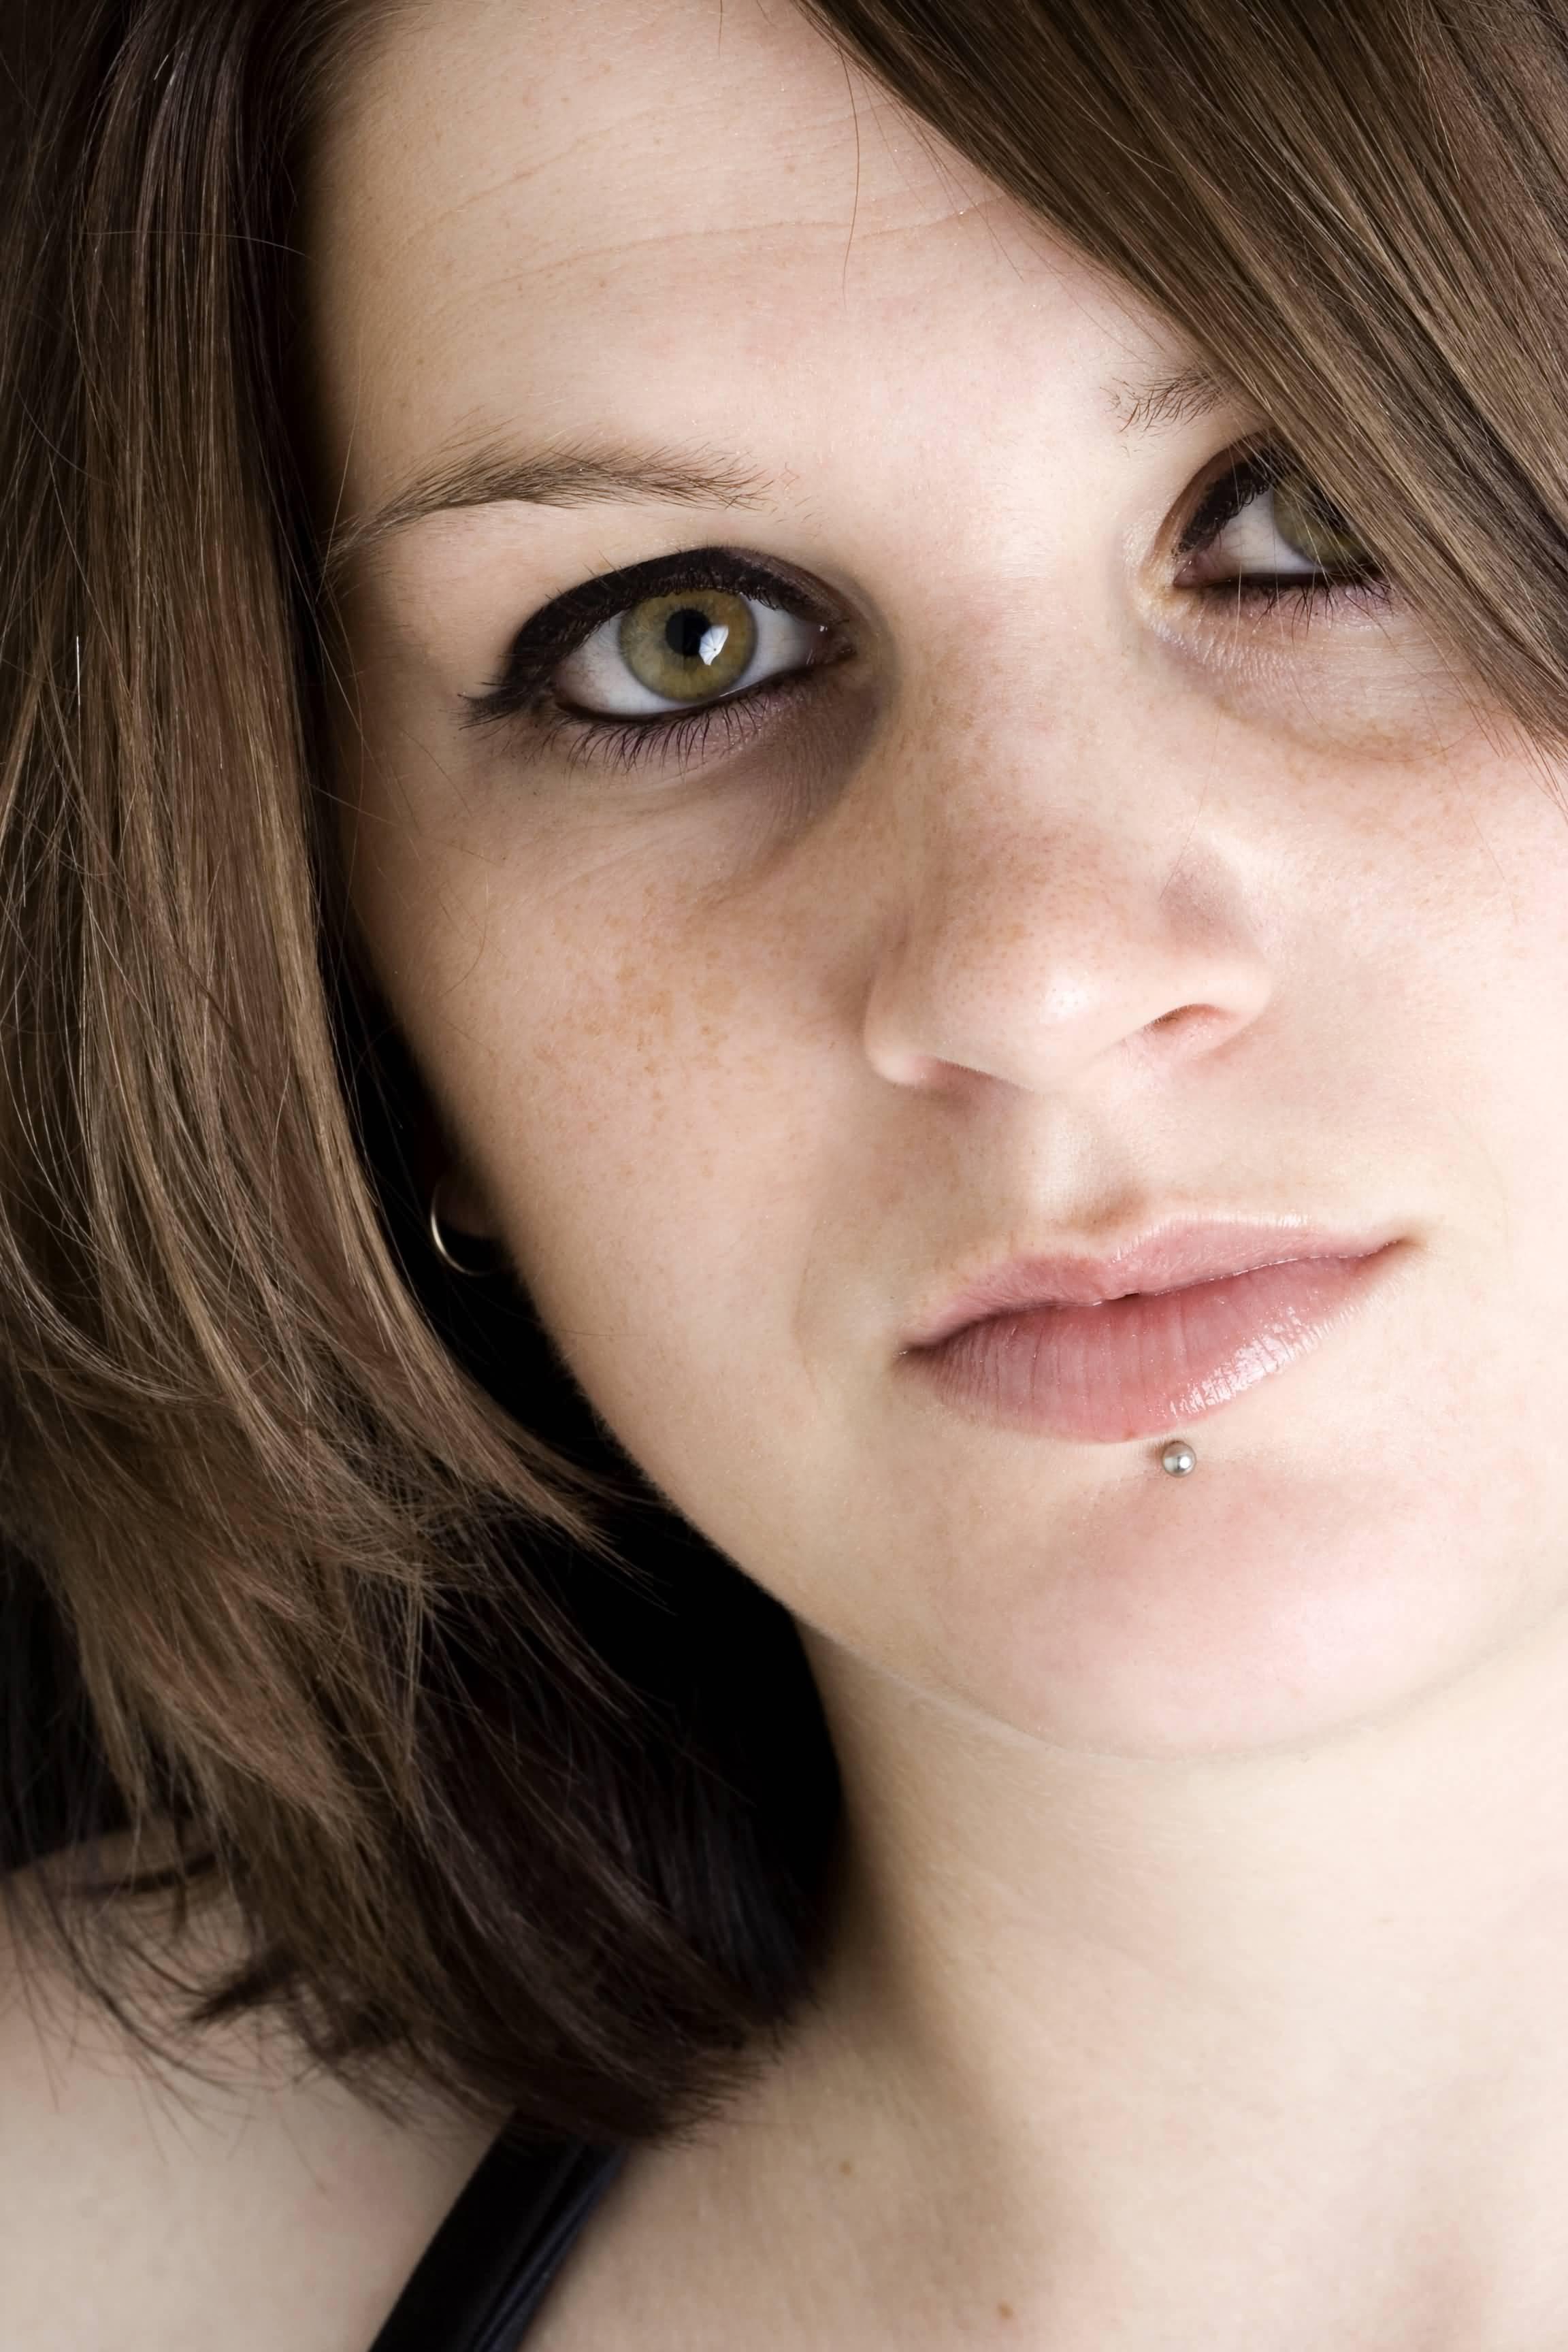 35+ Labret Piercings For Girls